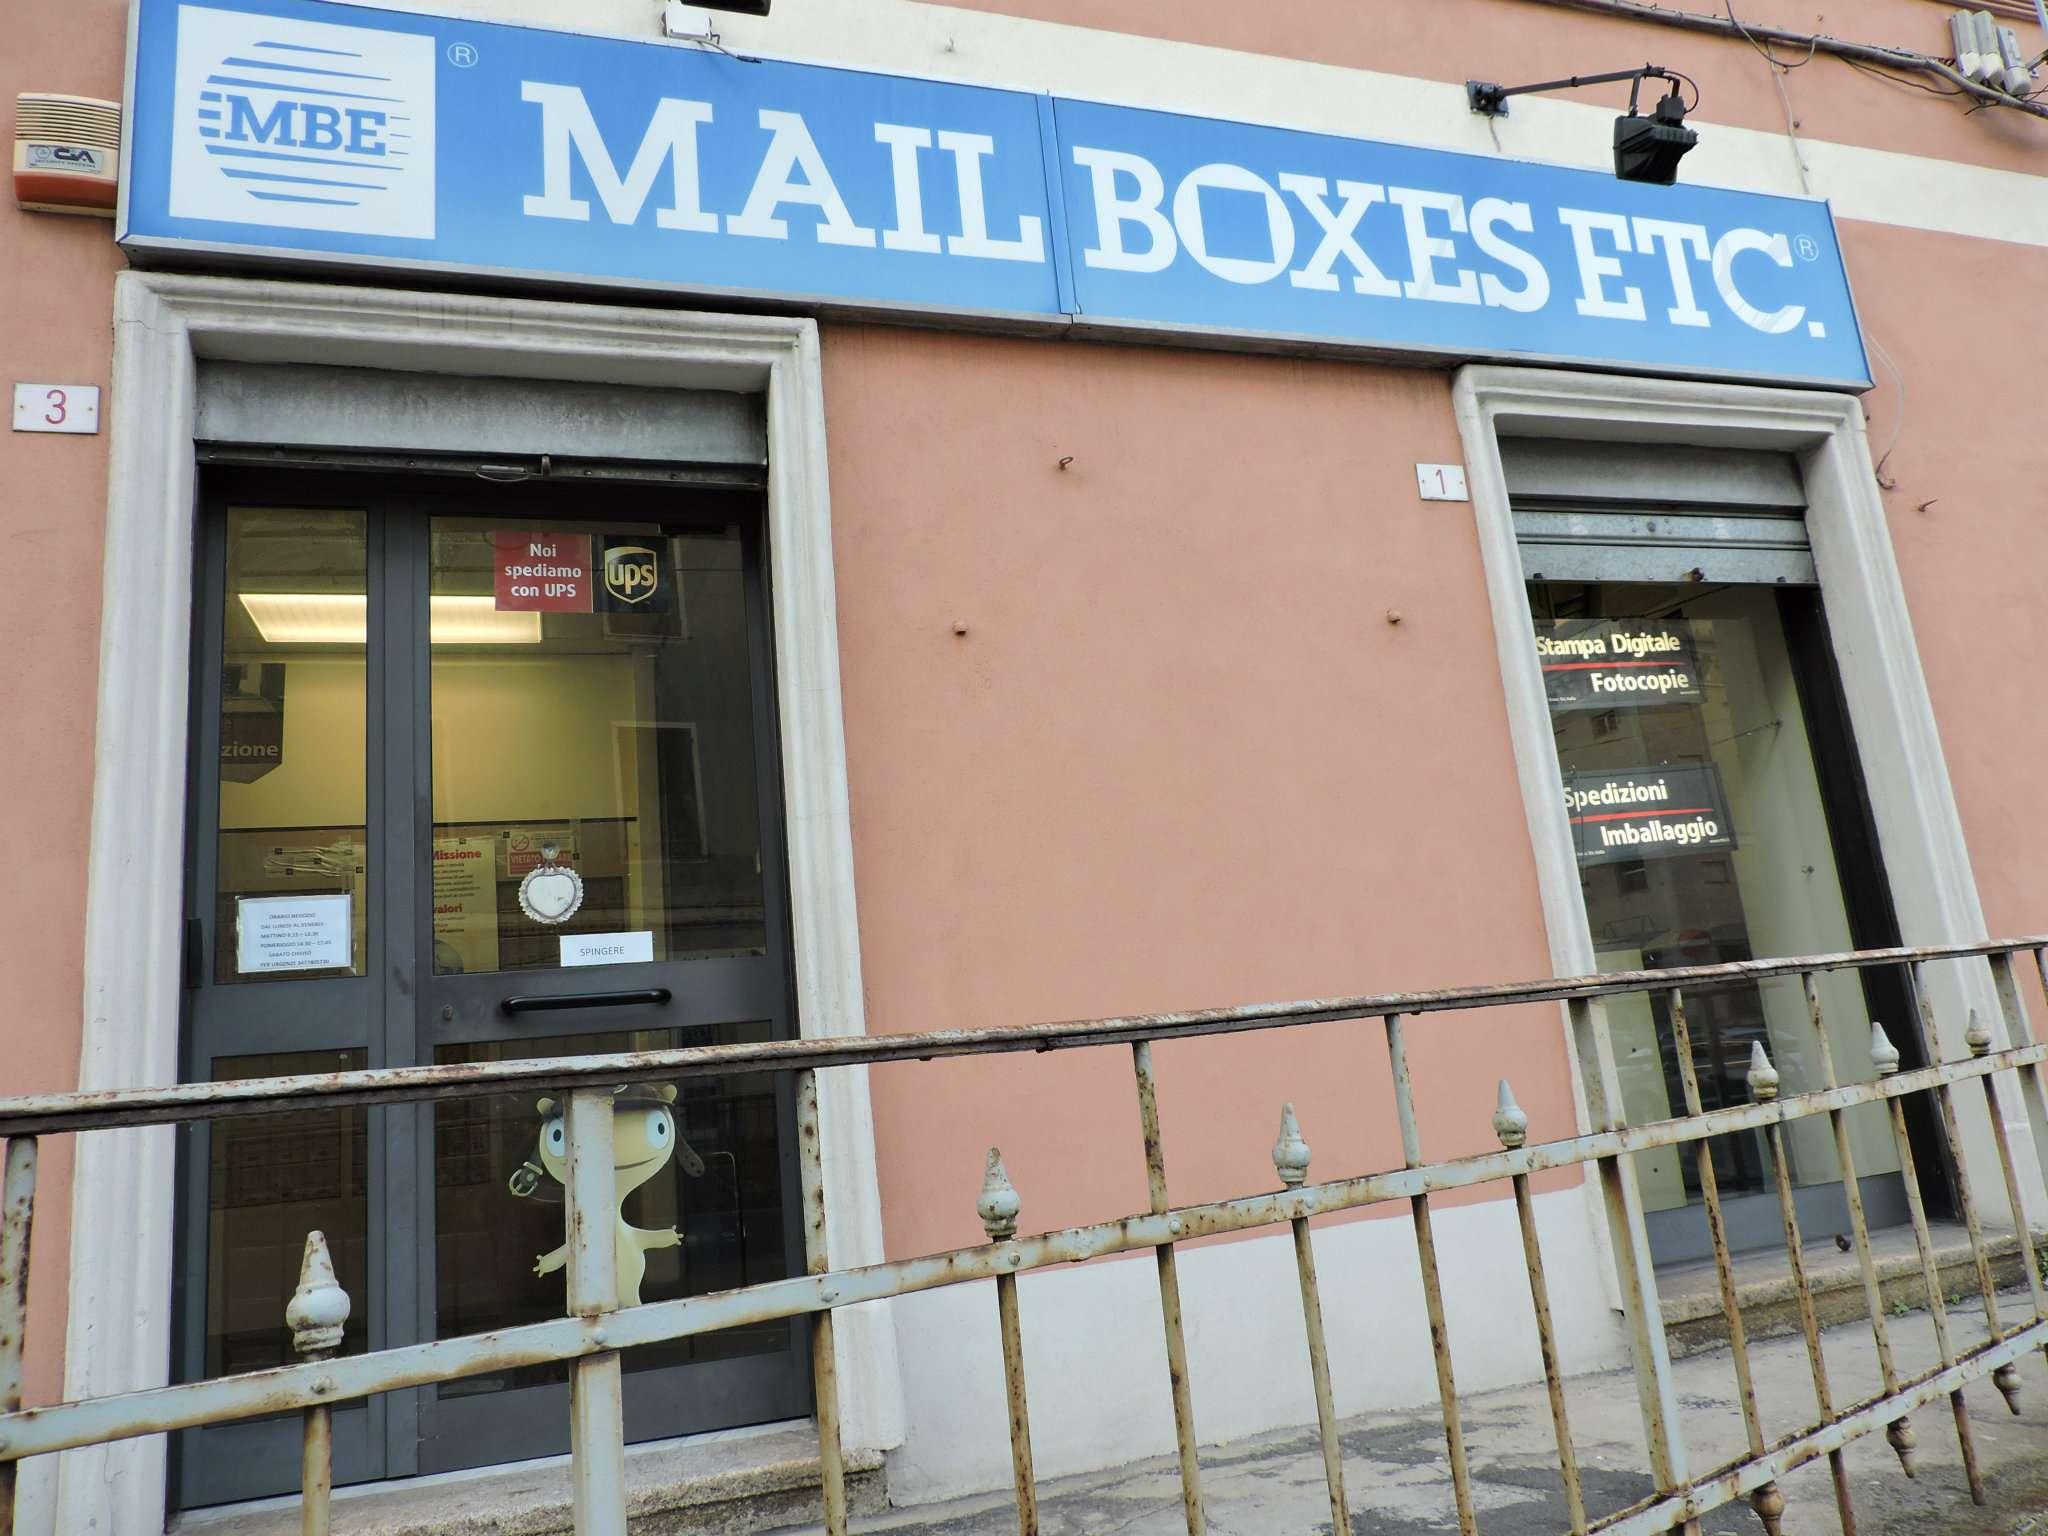 Negozio / Locale in vendita a Genova, 3 locali, zona Zona: 8 . Sampierdarena, Certosa-Rivarolo, Centro Ovest, S.Teodoro, prezzo € 200.000 | CambioCasa.it